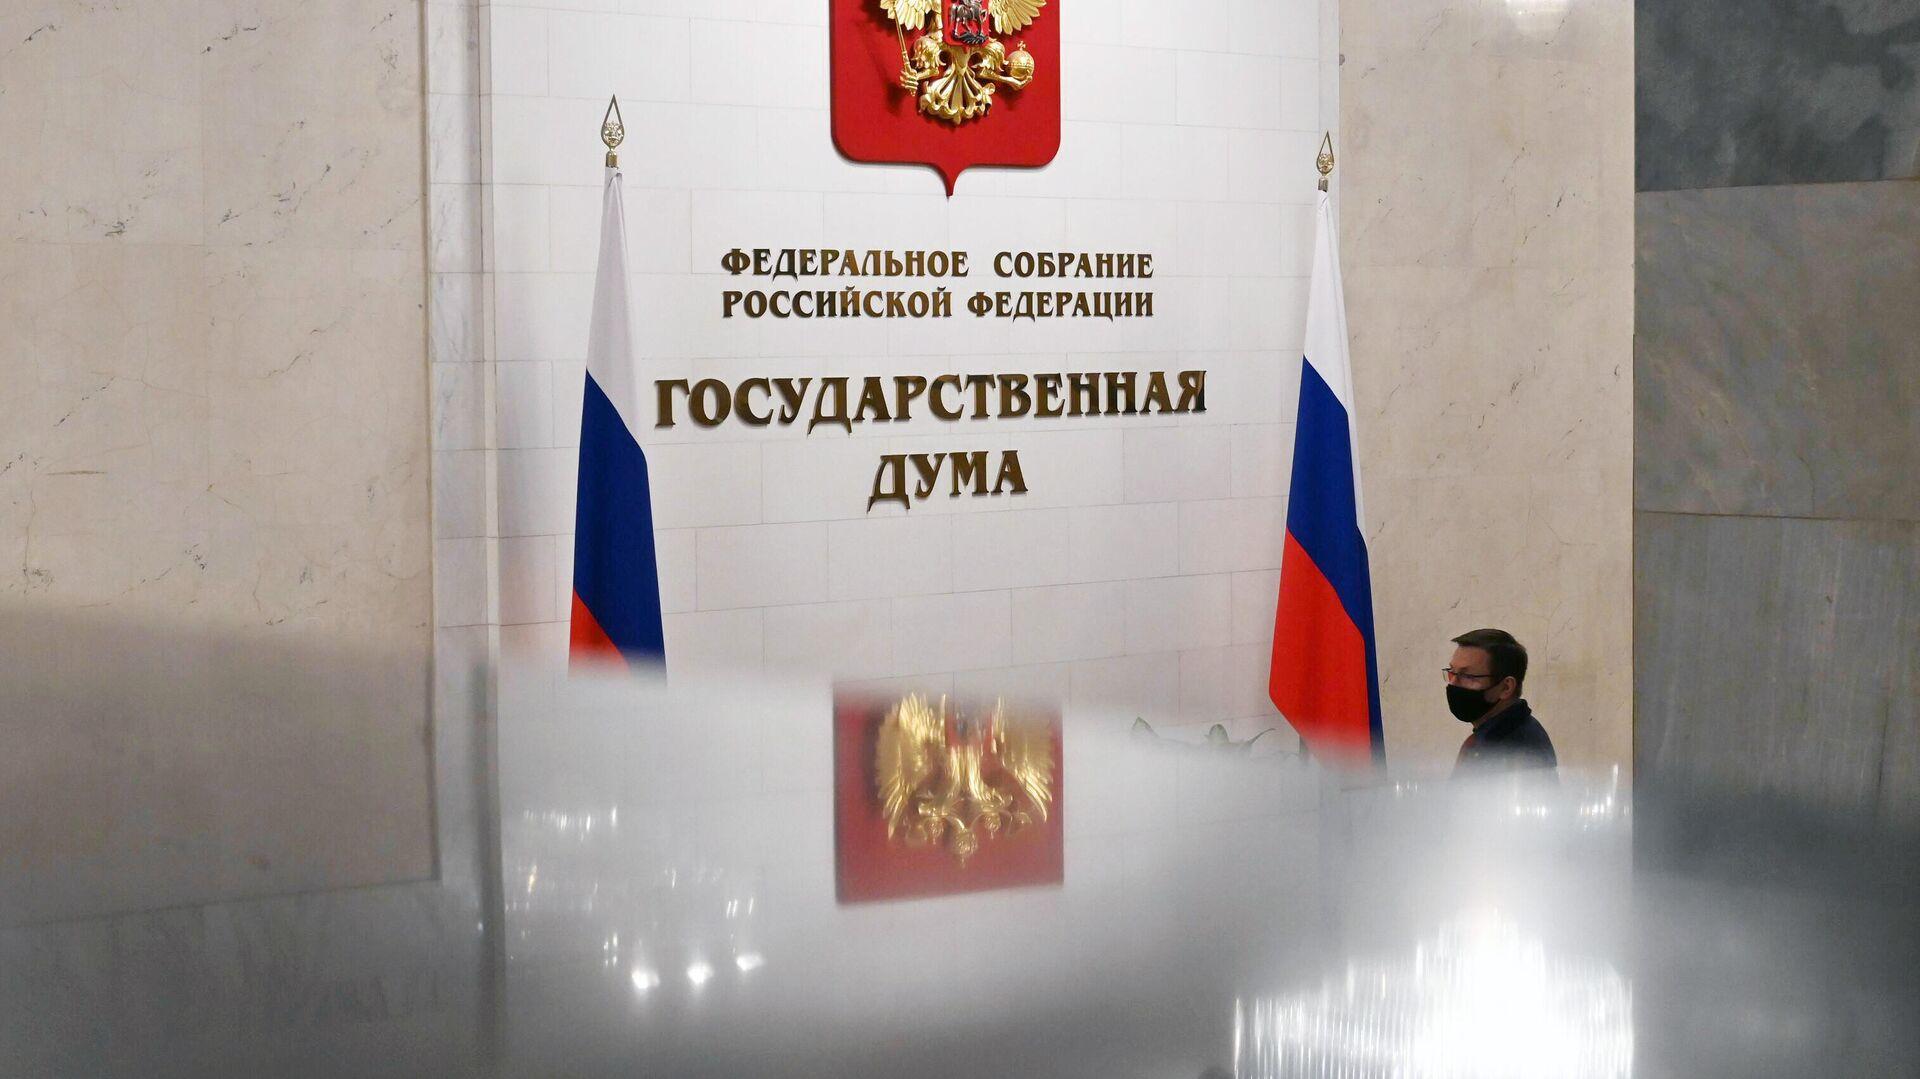 Мужчина в здании Государственной думы РФ - РИА Новости, 1920, 04.10.2021